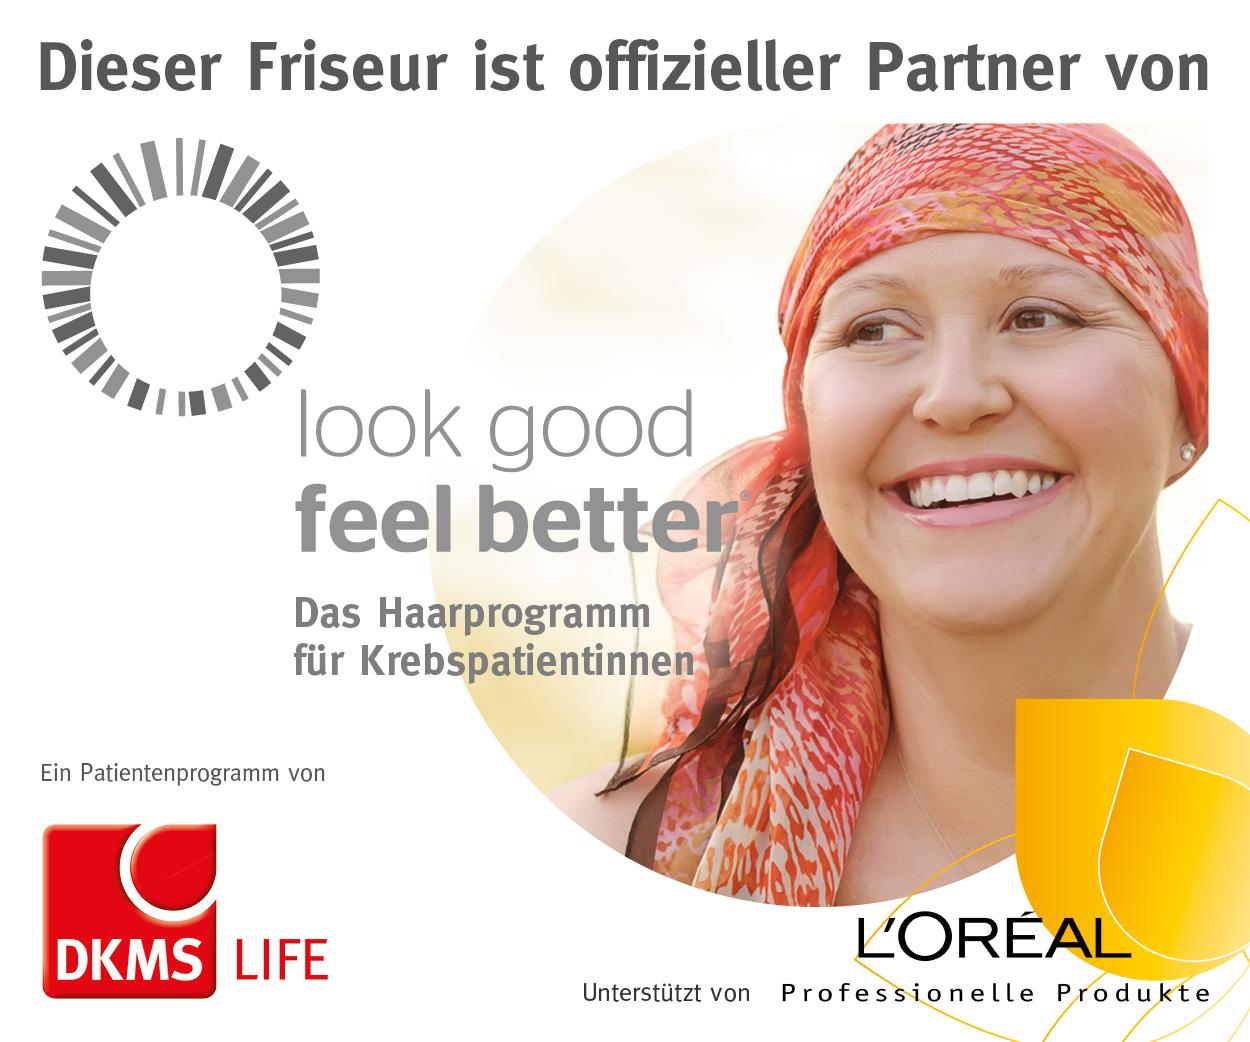 DKMS_LIFE_Friseur_Internetbanner_300x250Pixel_03 (2)